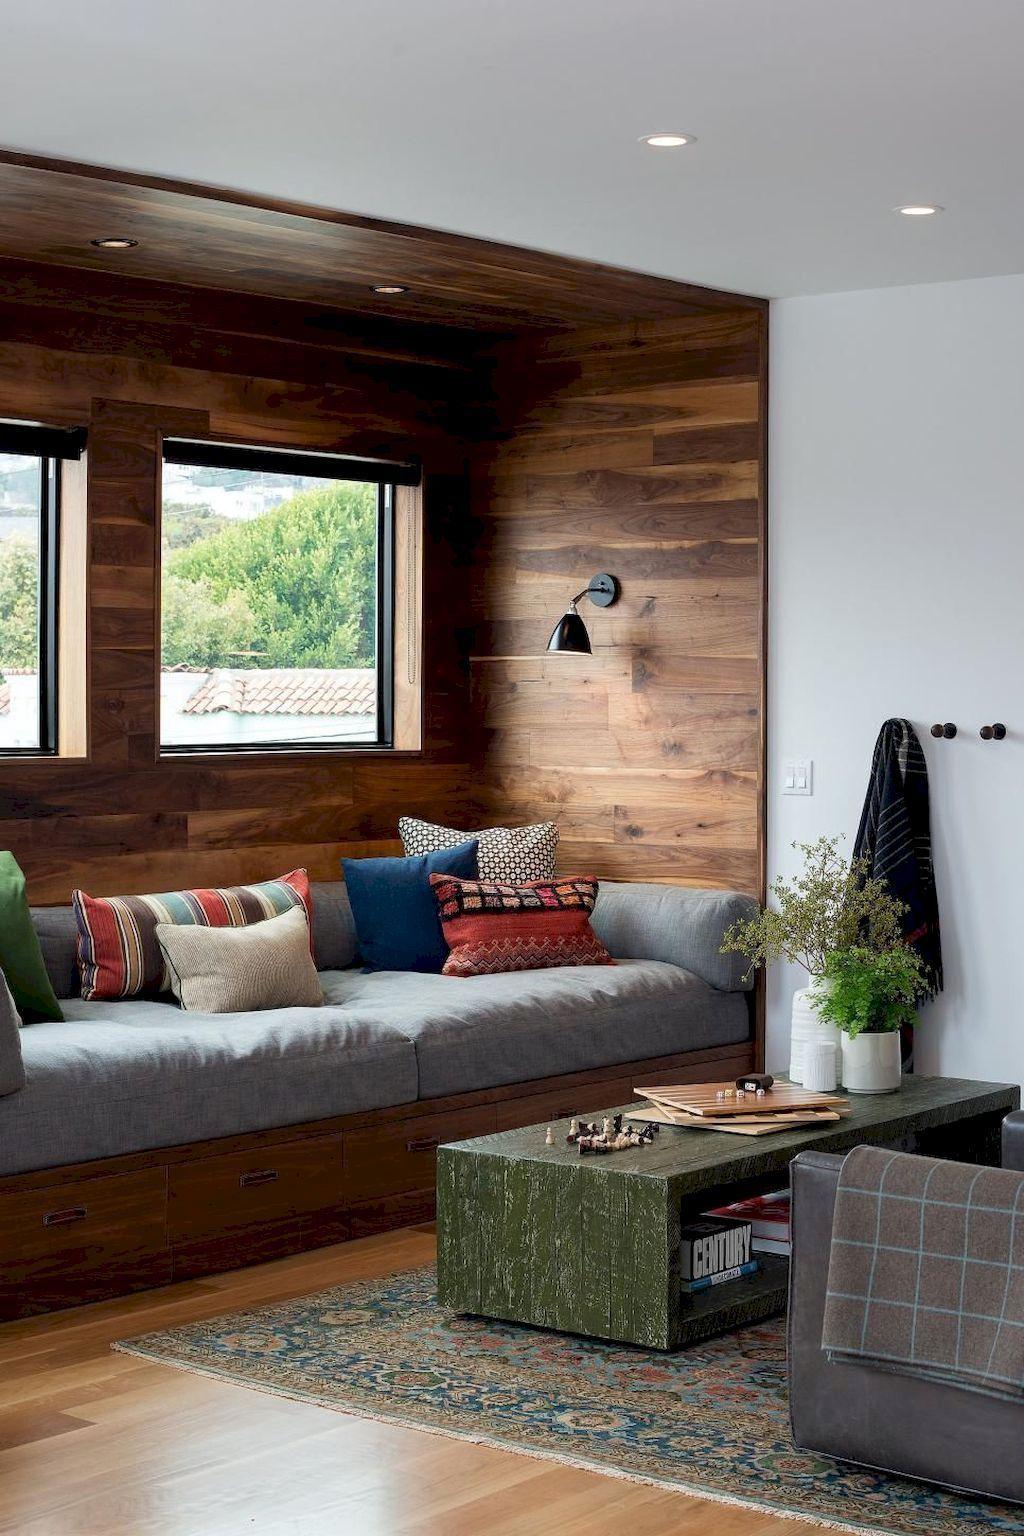 34 Elegant Living Room Design Ideas